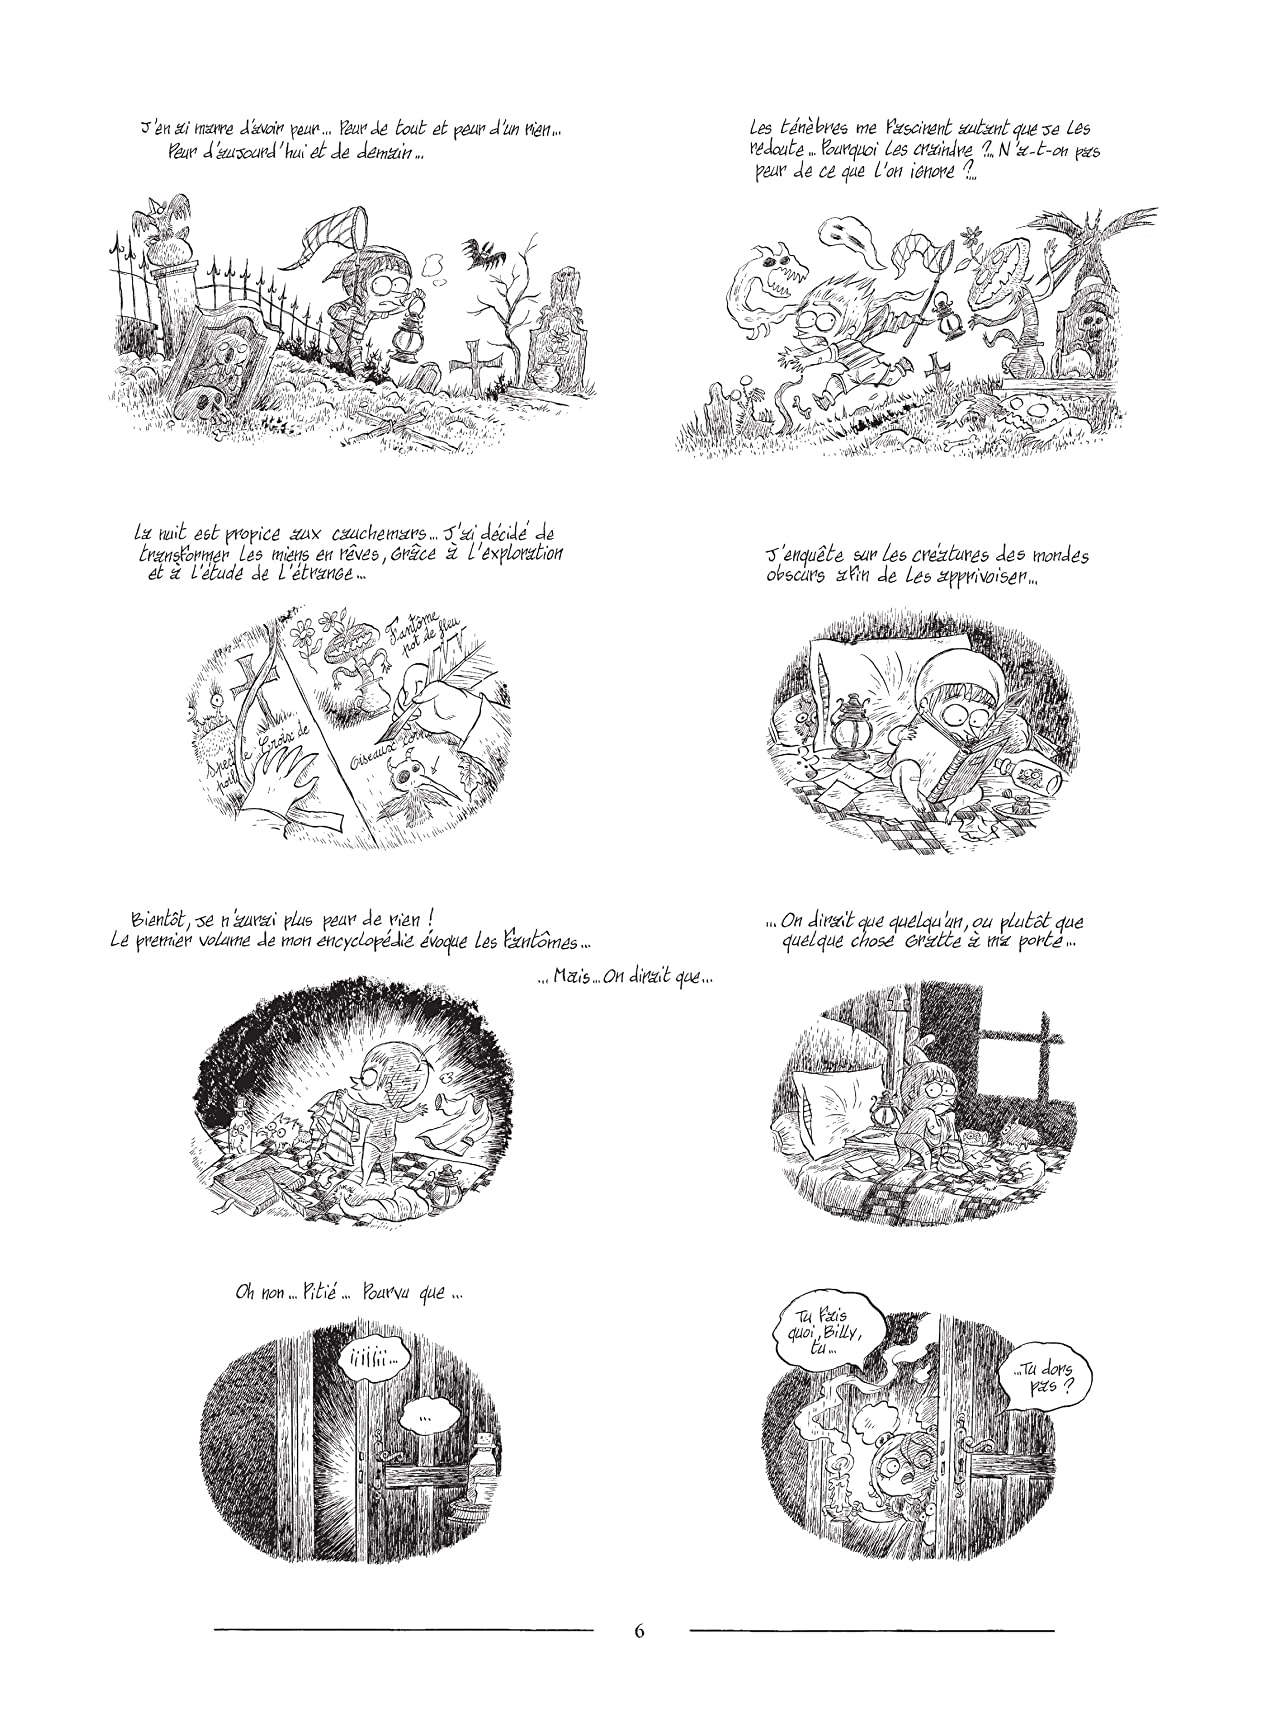 L'Encyclopédie curieuse et bizarre par Billy Brouillard: Les Fantômes